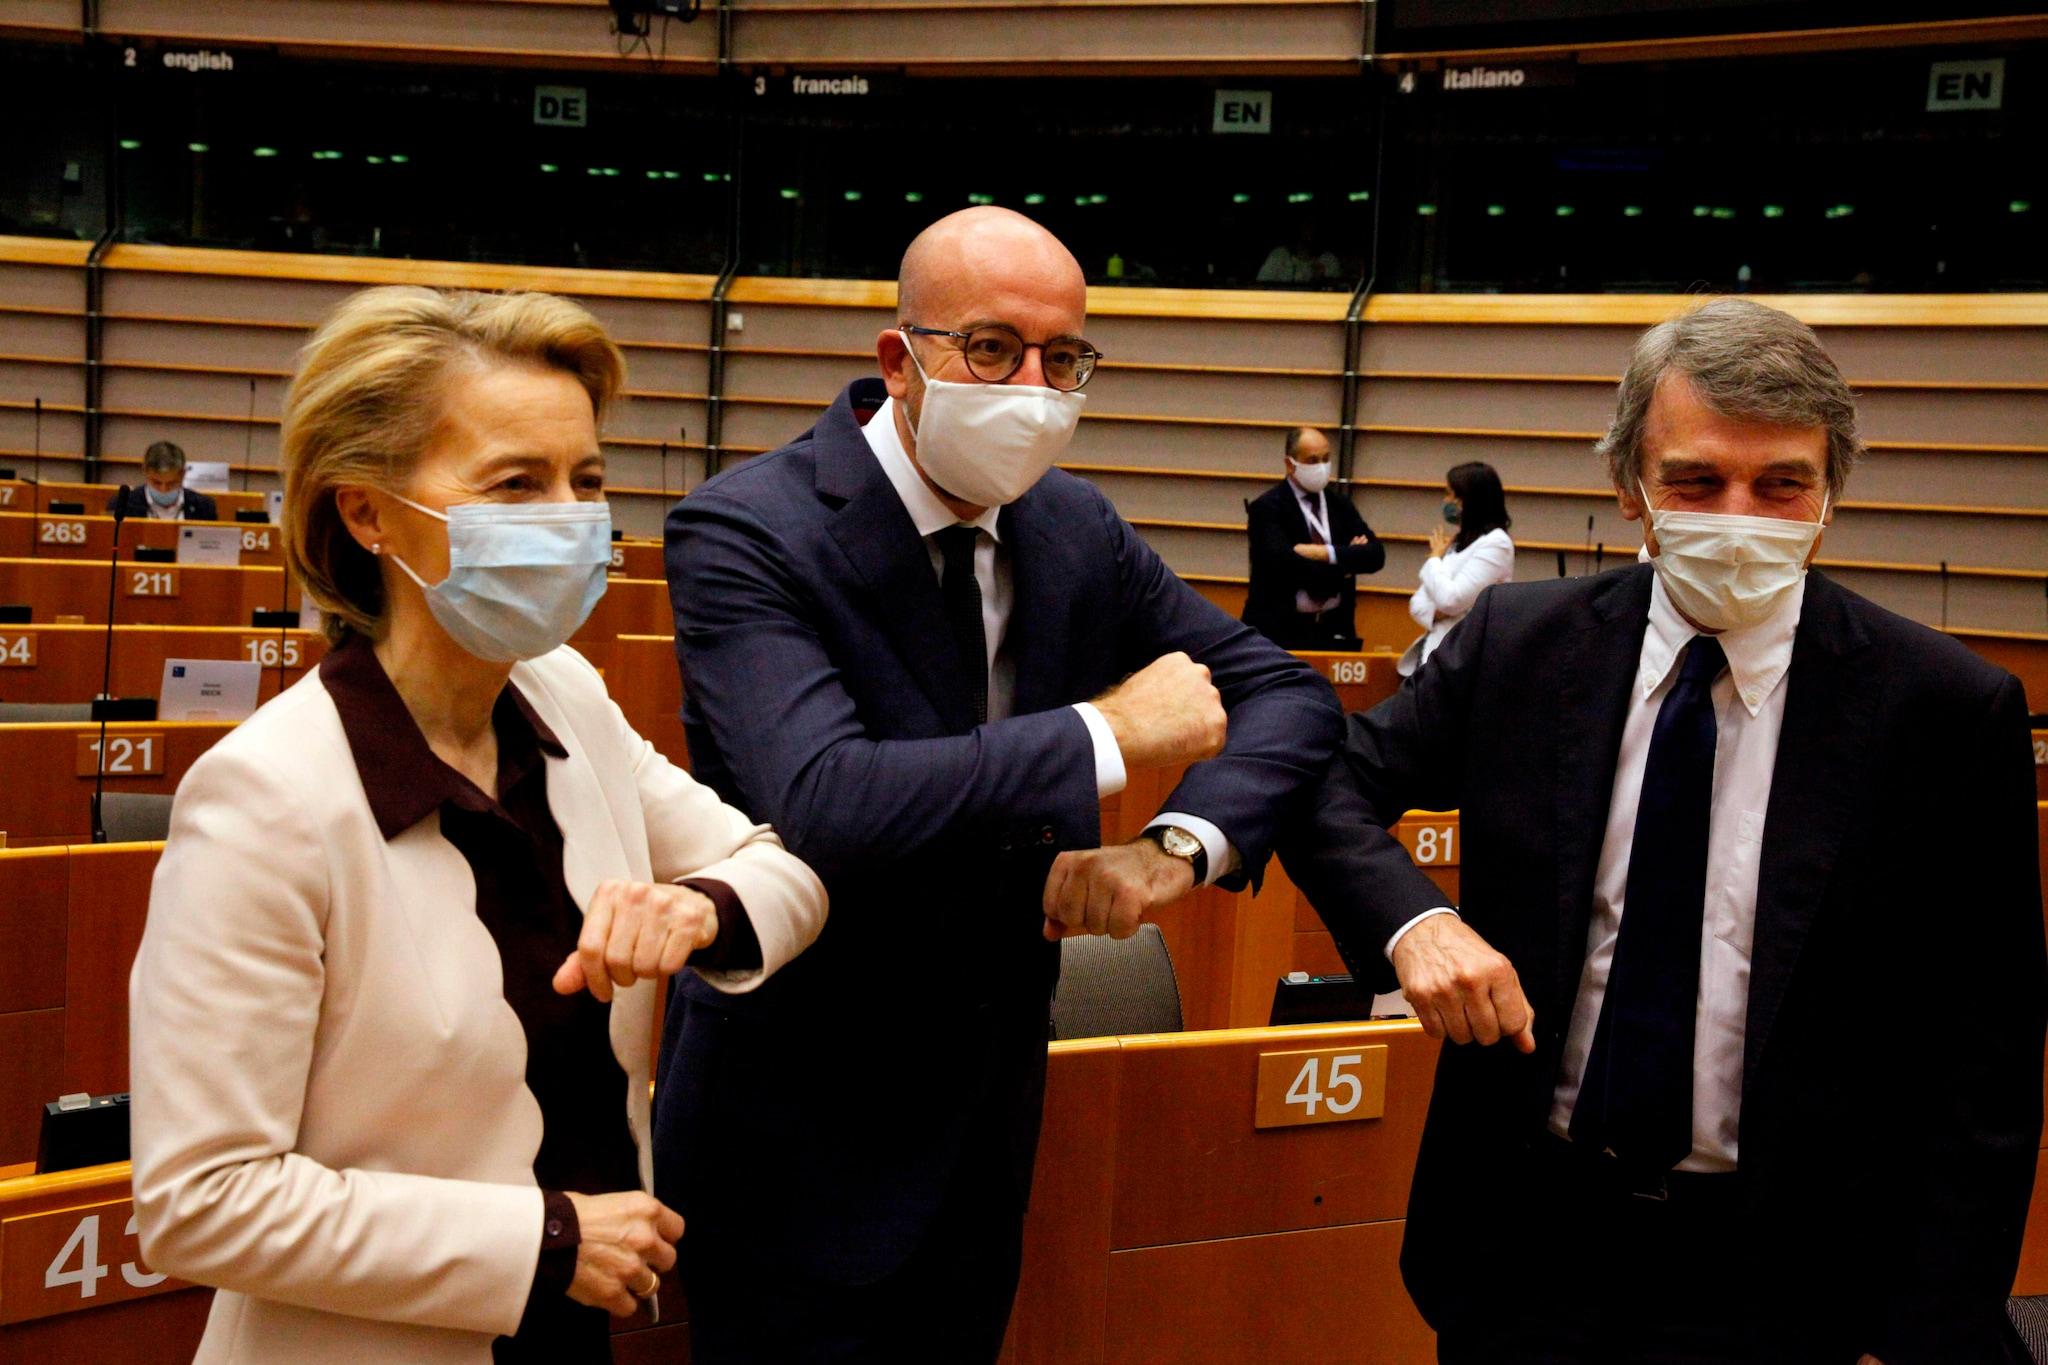 """Parlamento Ue approva risoluzione per """"migliorare"""" l'accordo sul budget: «Tagli inaccettabili» thumbnail"""